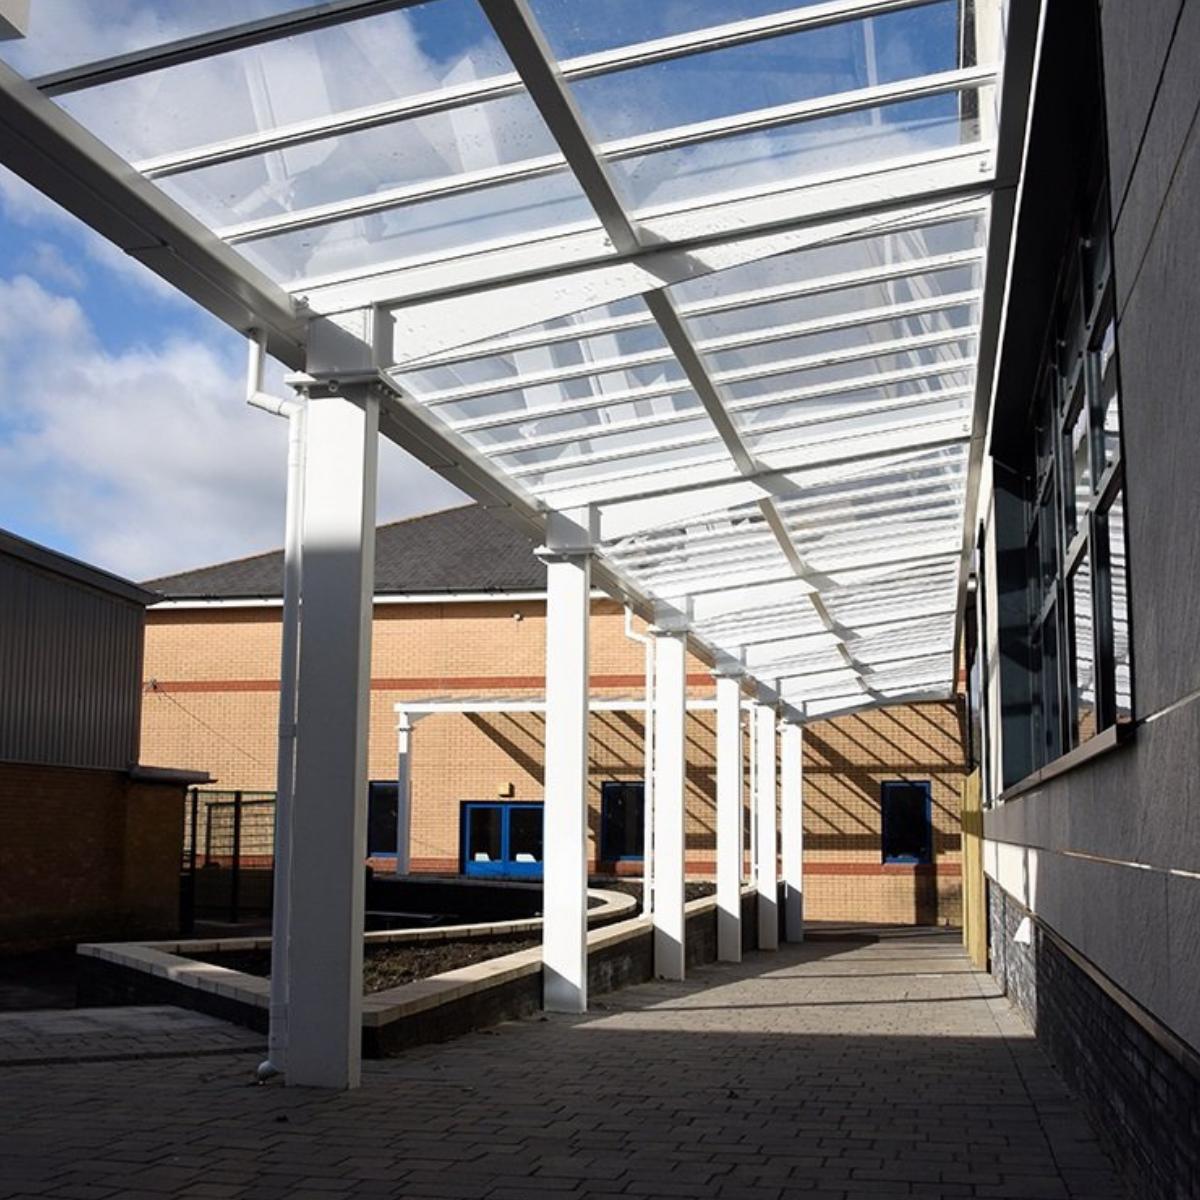 Hartcliffe Walkway